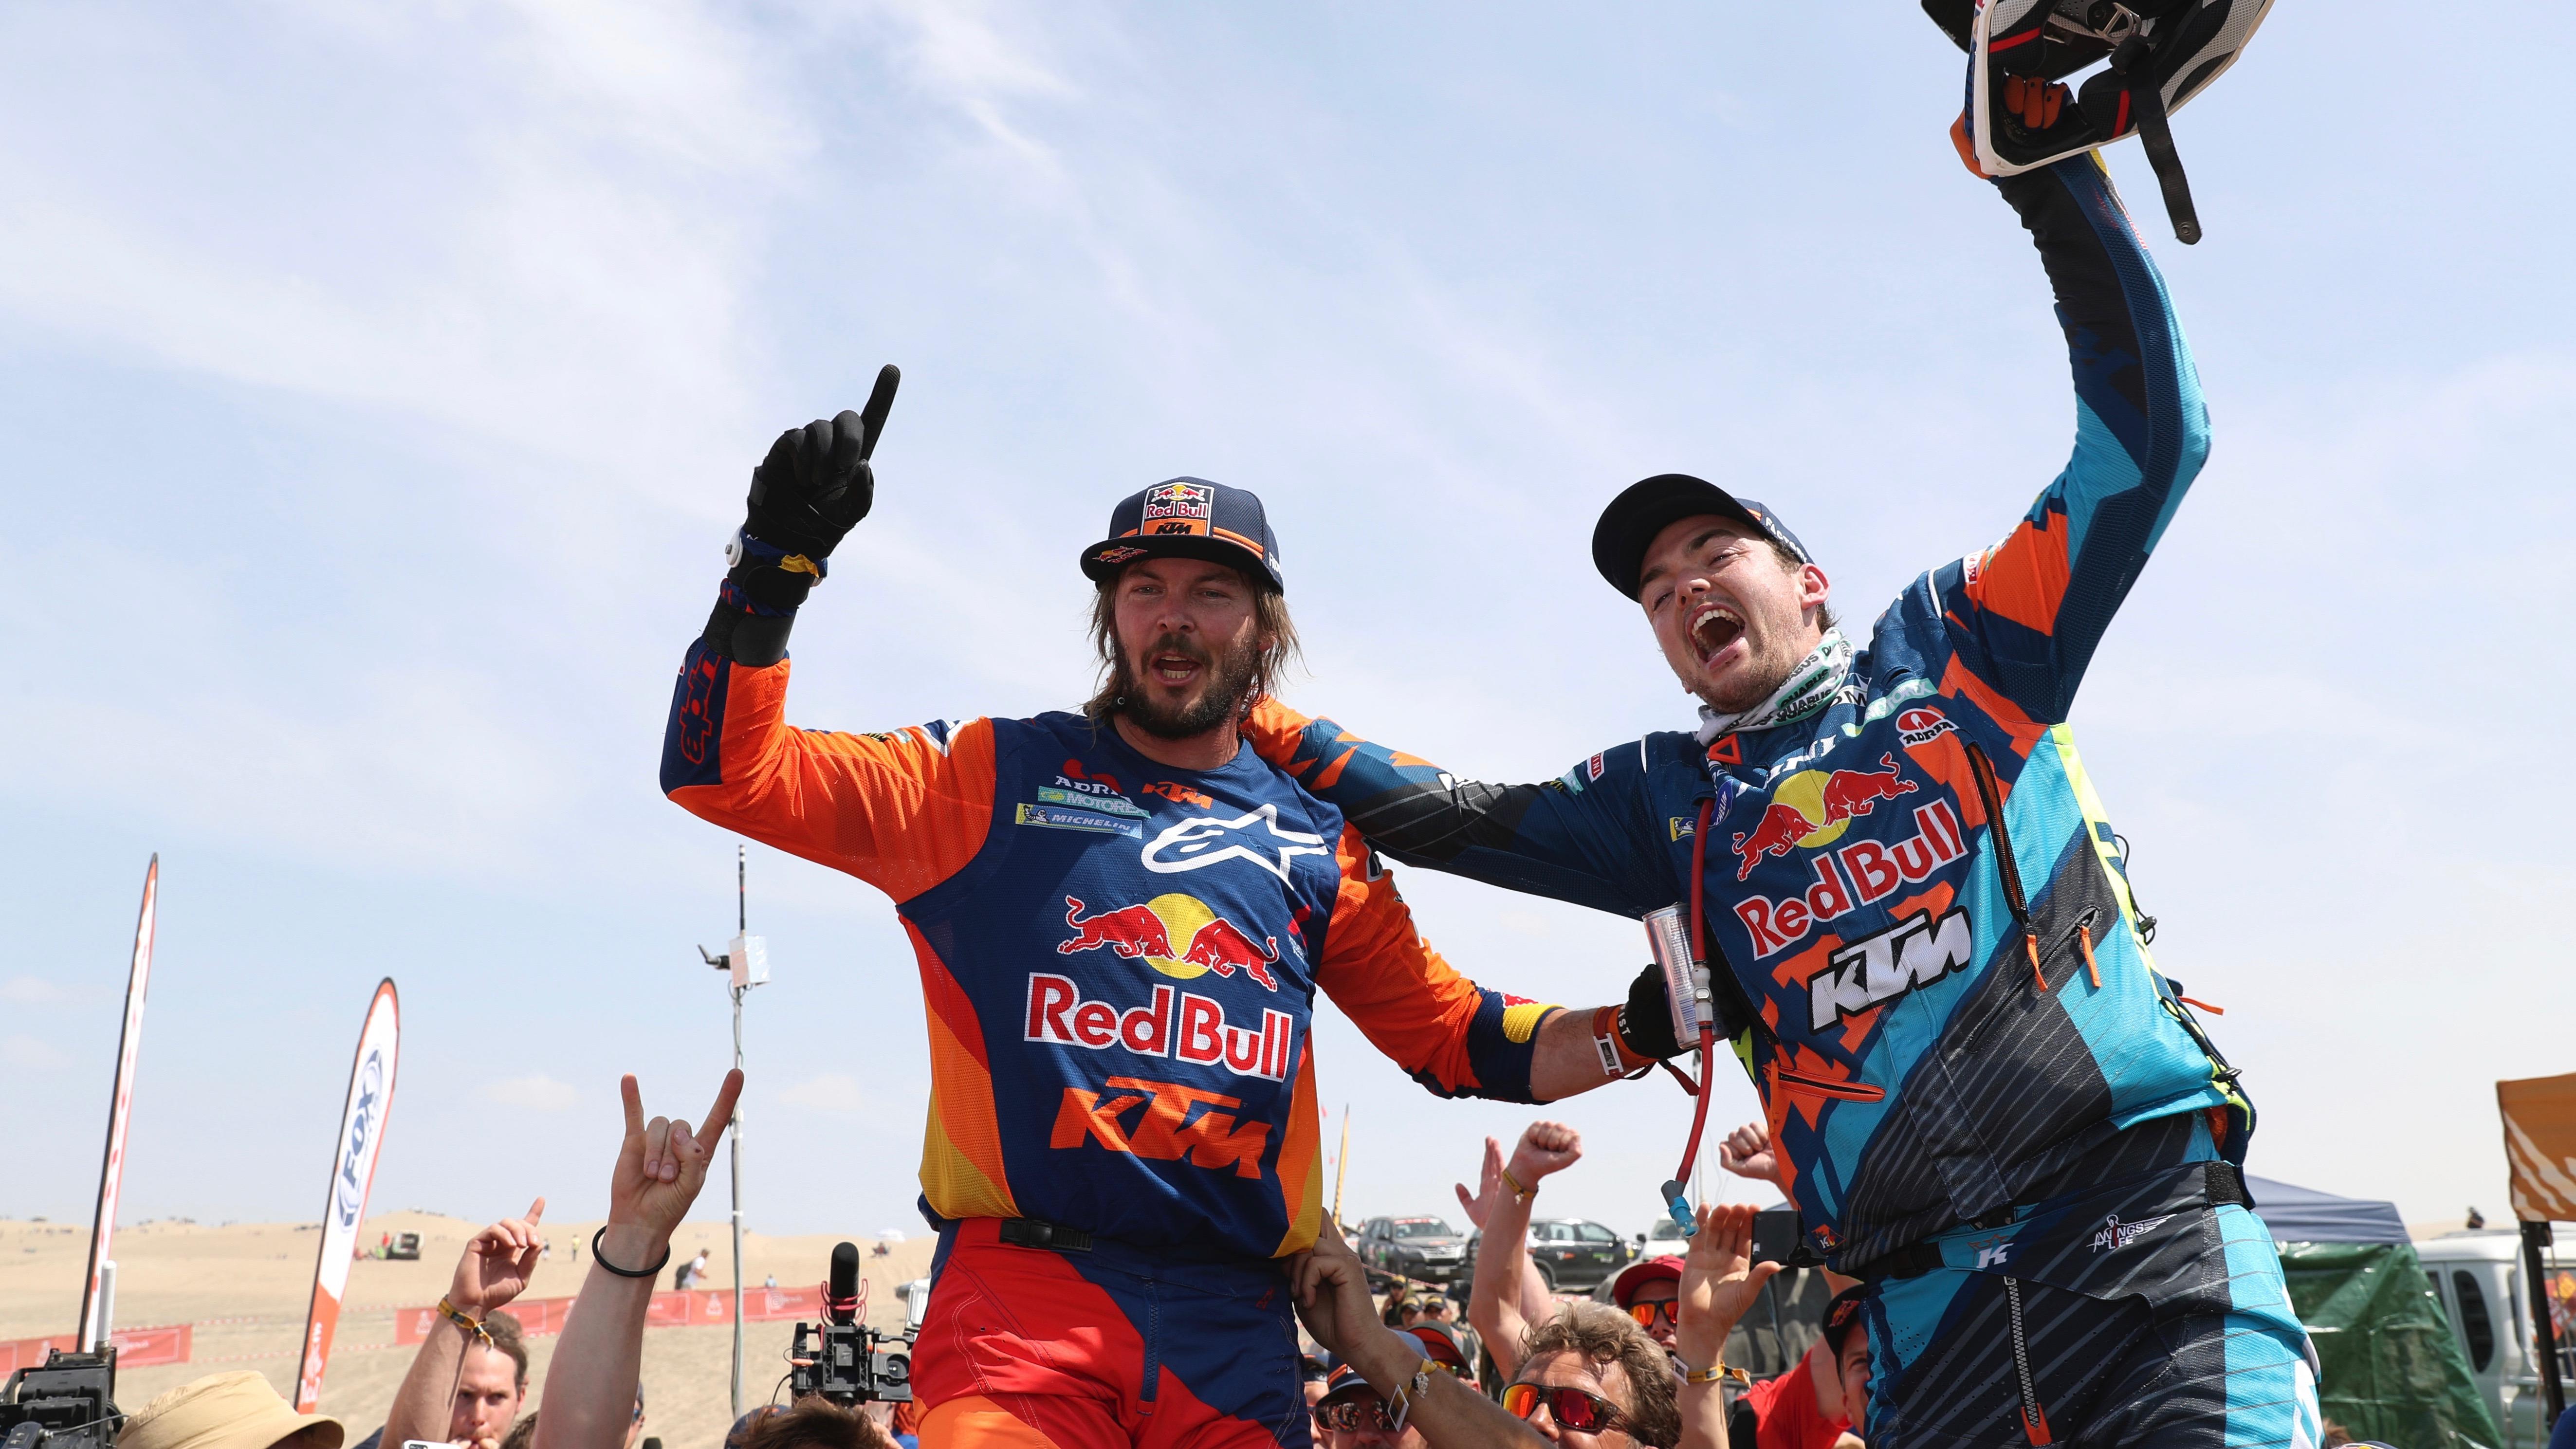 Motorsport: Toby Price wins Dakar with broken wrist